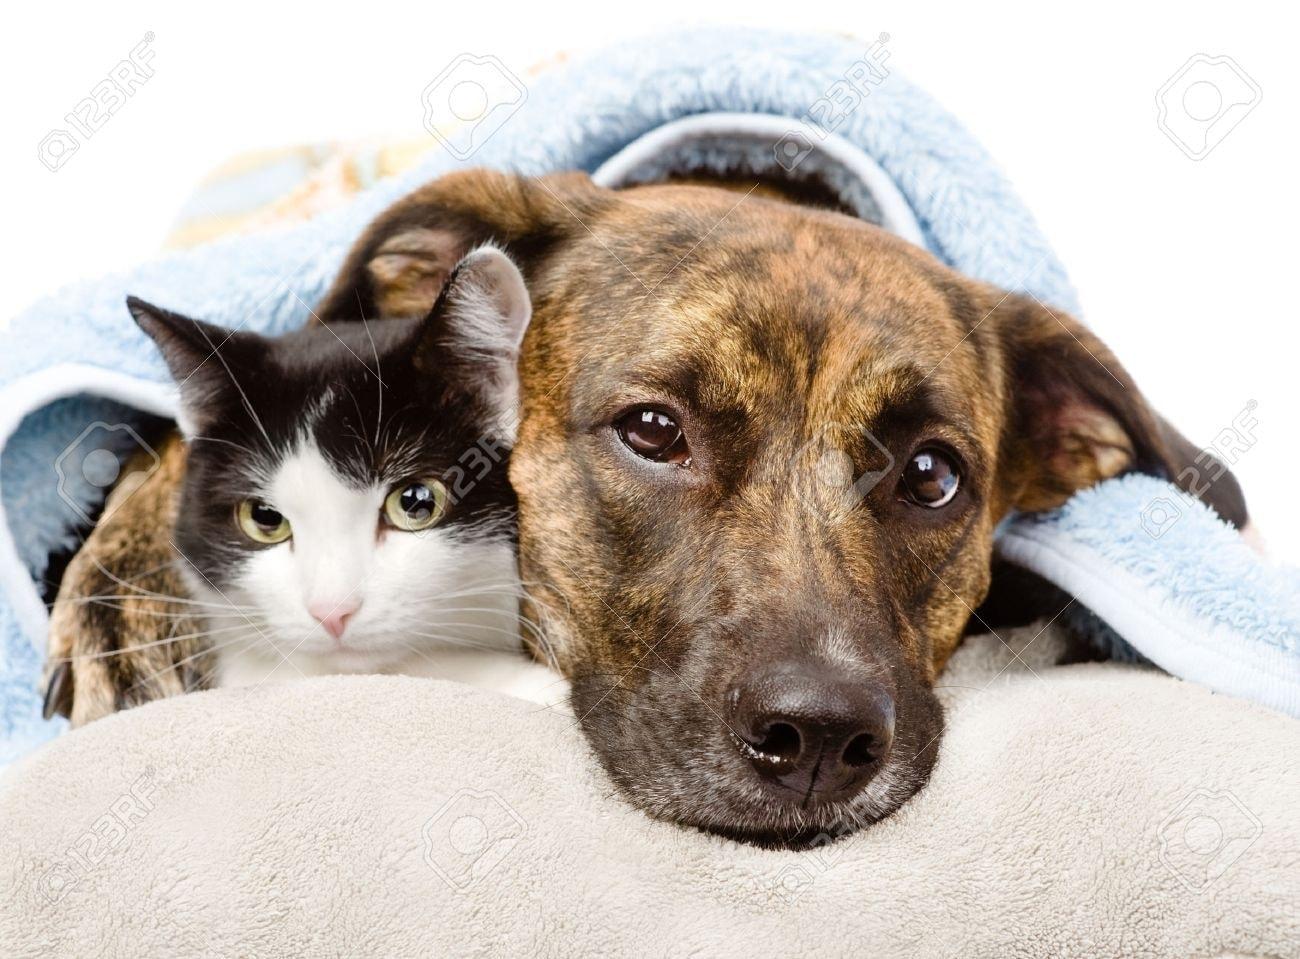 Nous avons besoin de couvertures et autres...